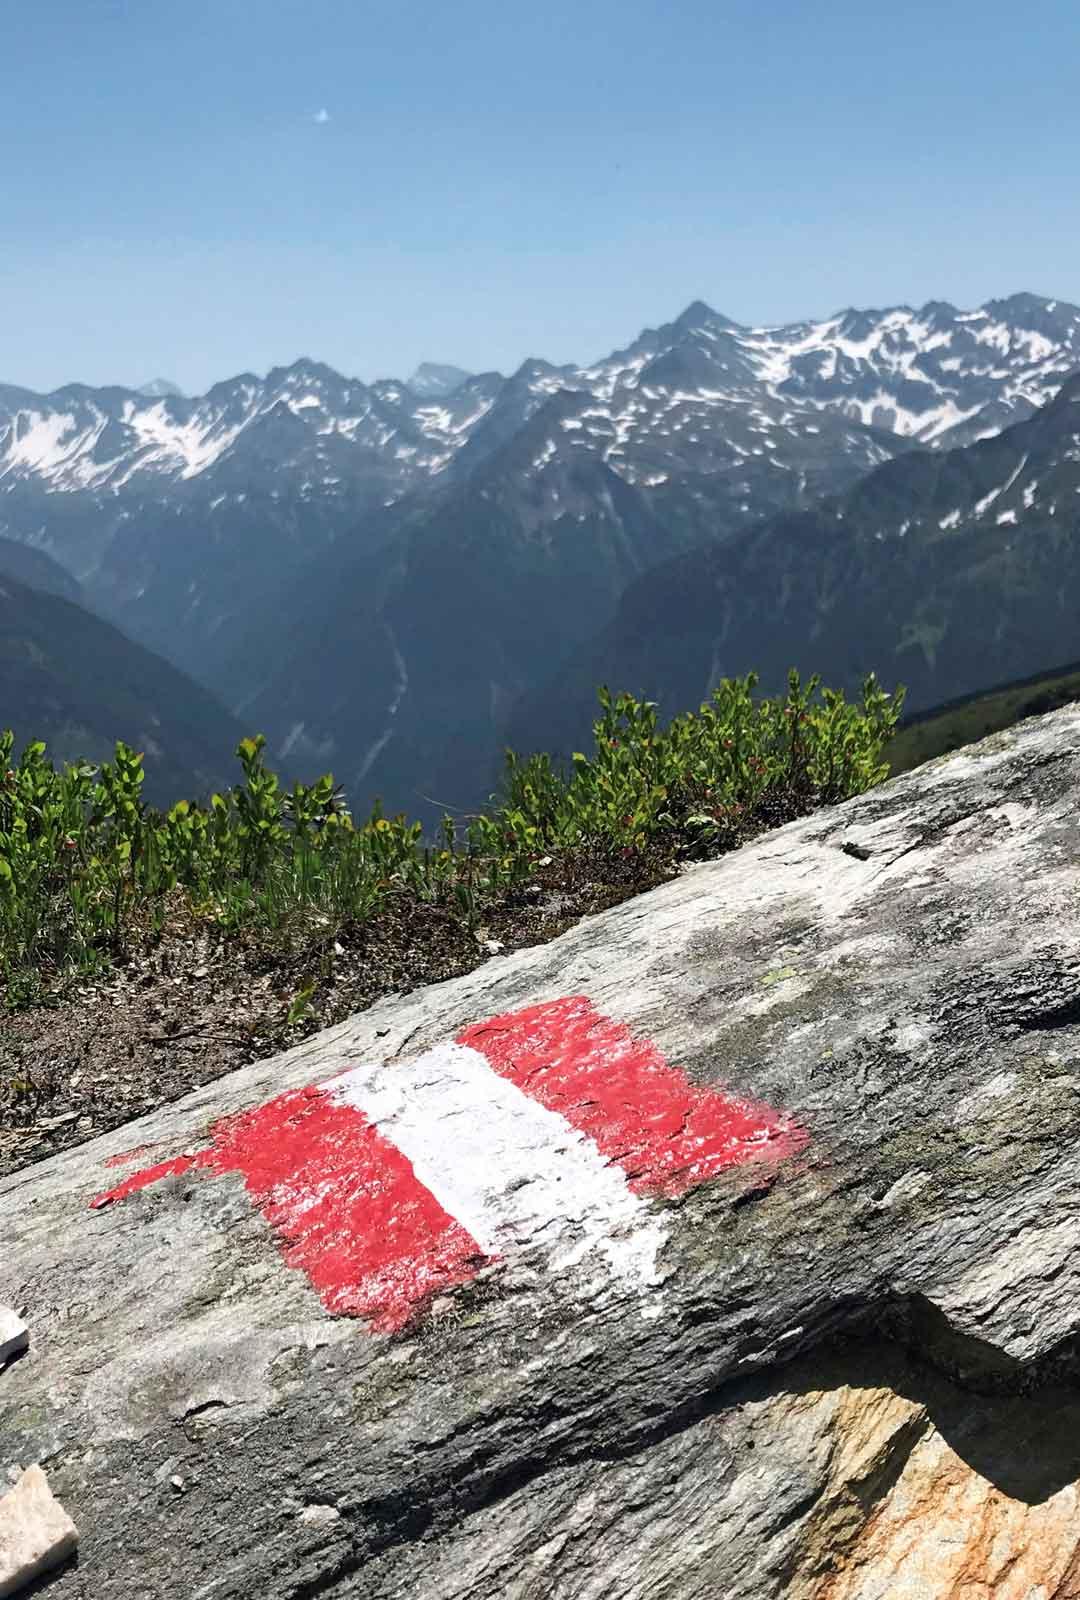 Kesäistä alppimaisemaa Itävallassa.